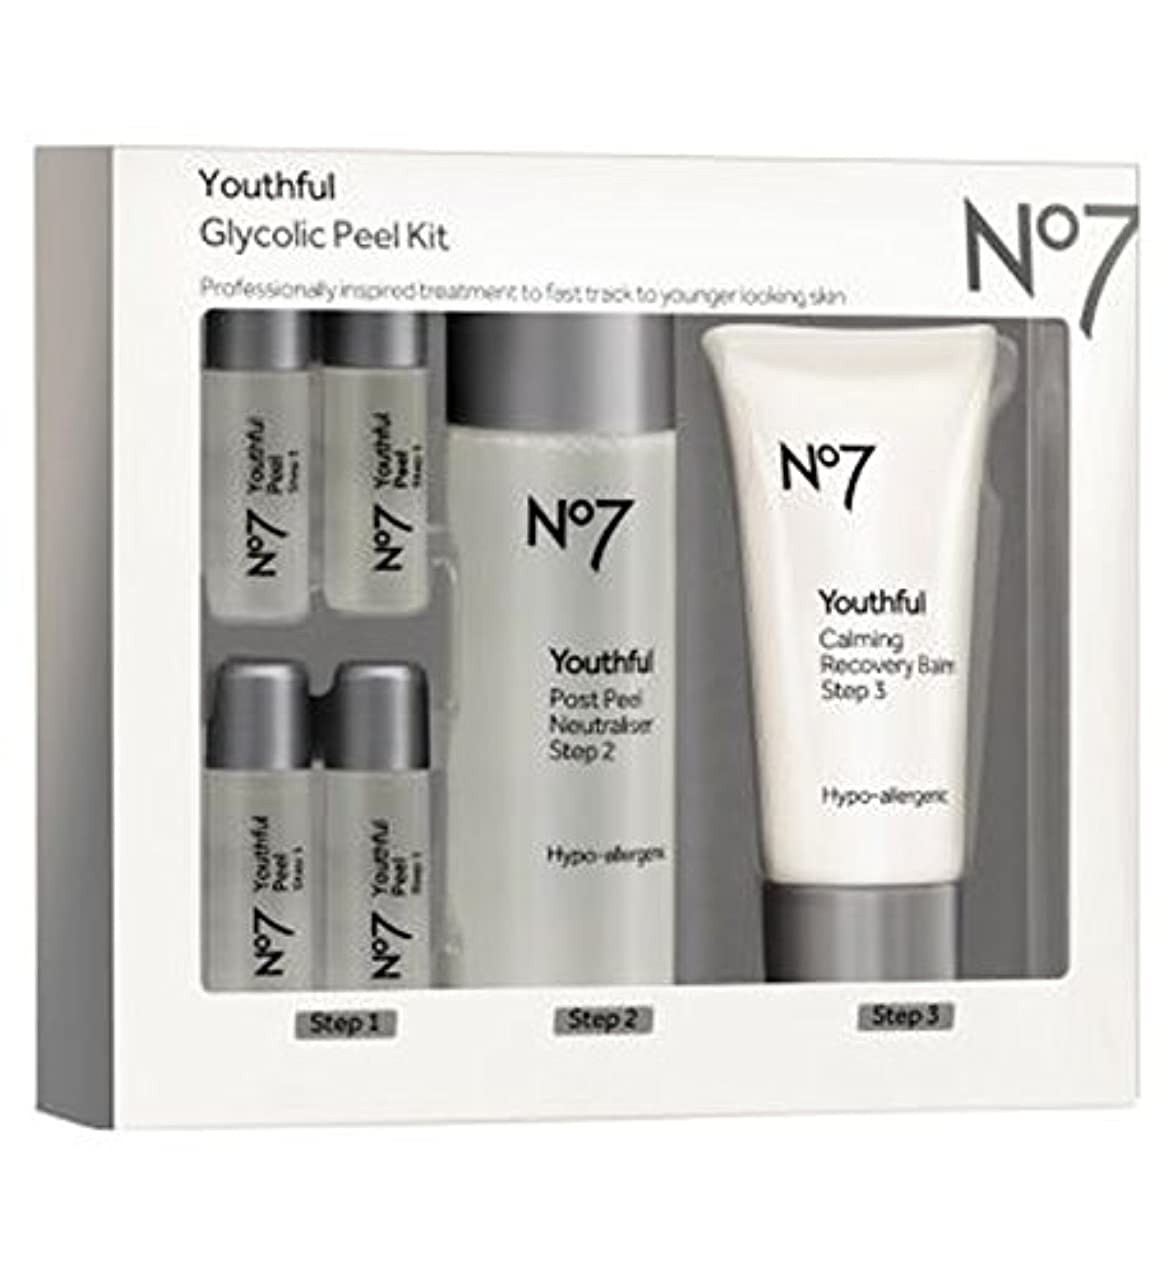 やりがいのある市区町村ホステスNo7 Youthful Glycolic Peel Kit - No7若々しいグリコールピールキット (No7) [並行輸入品]